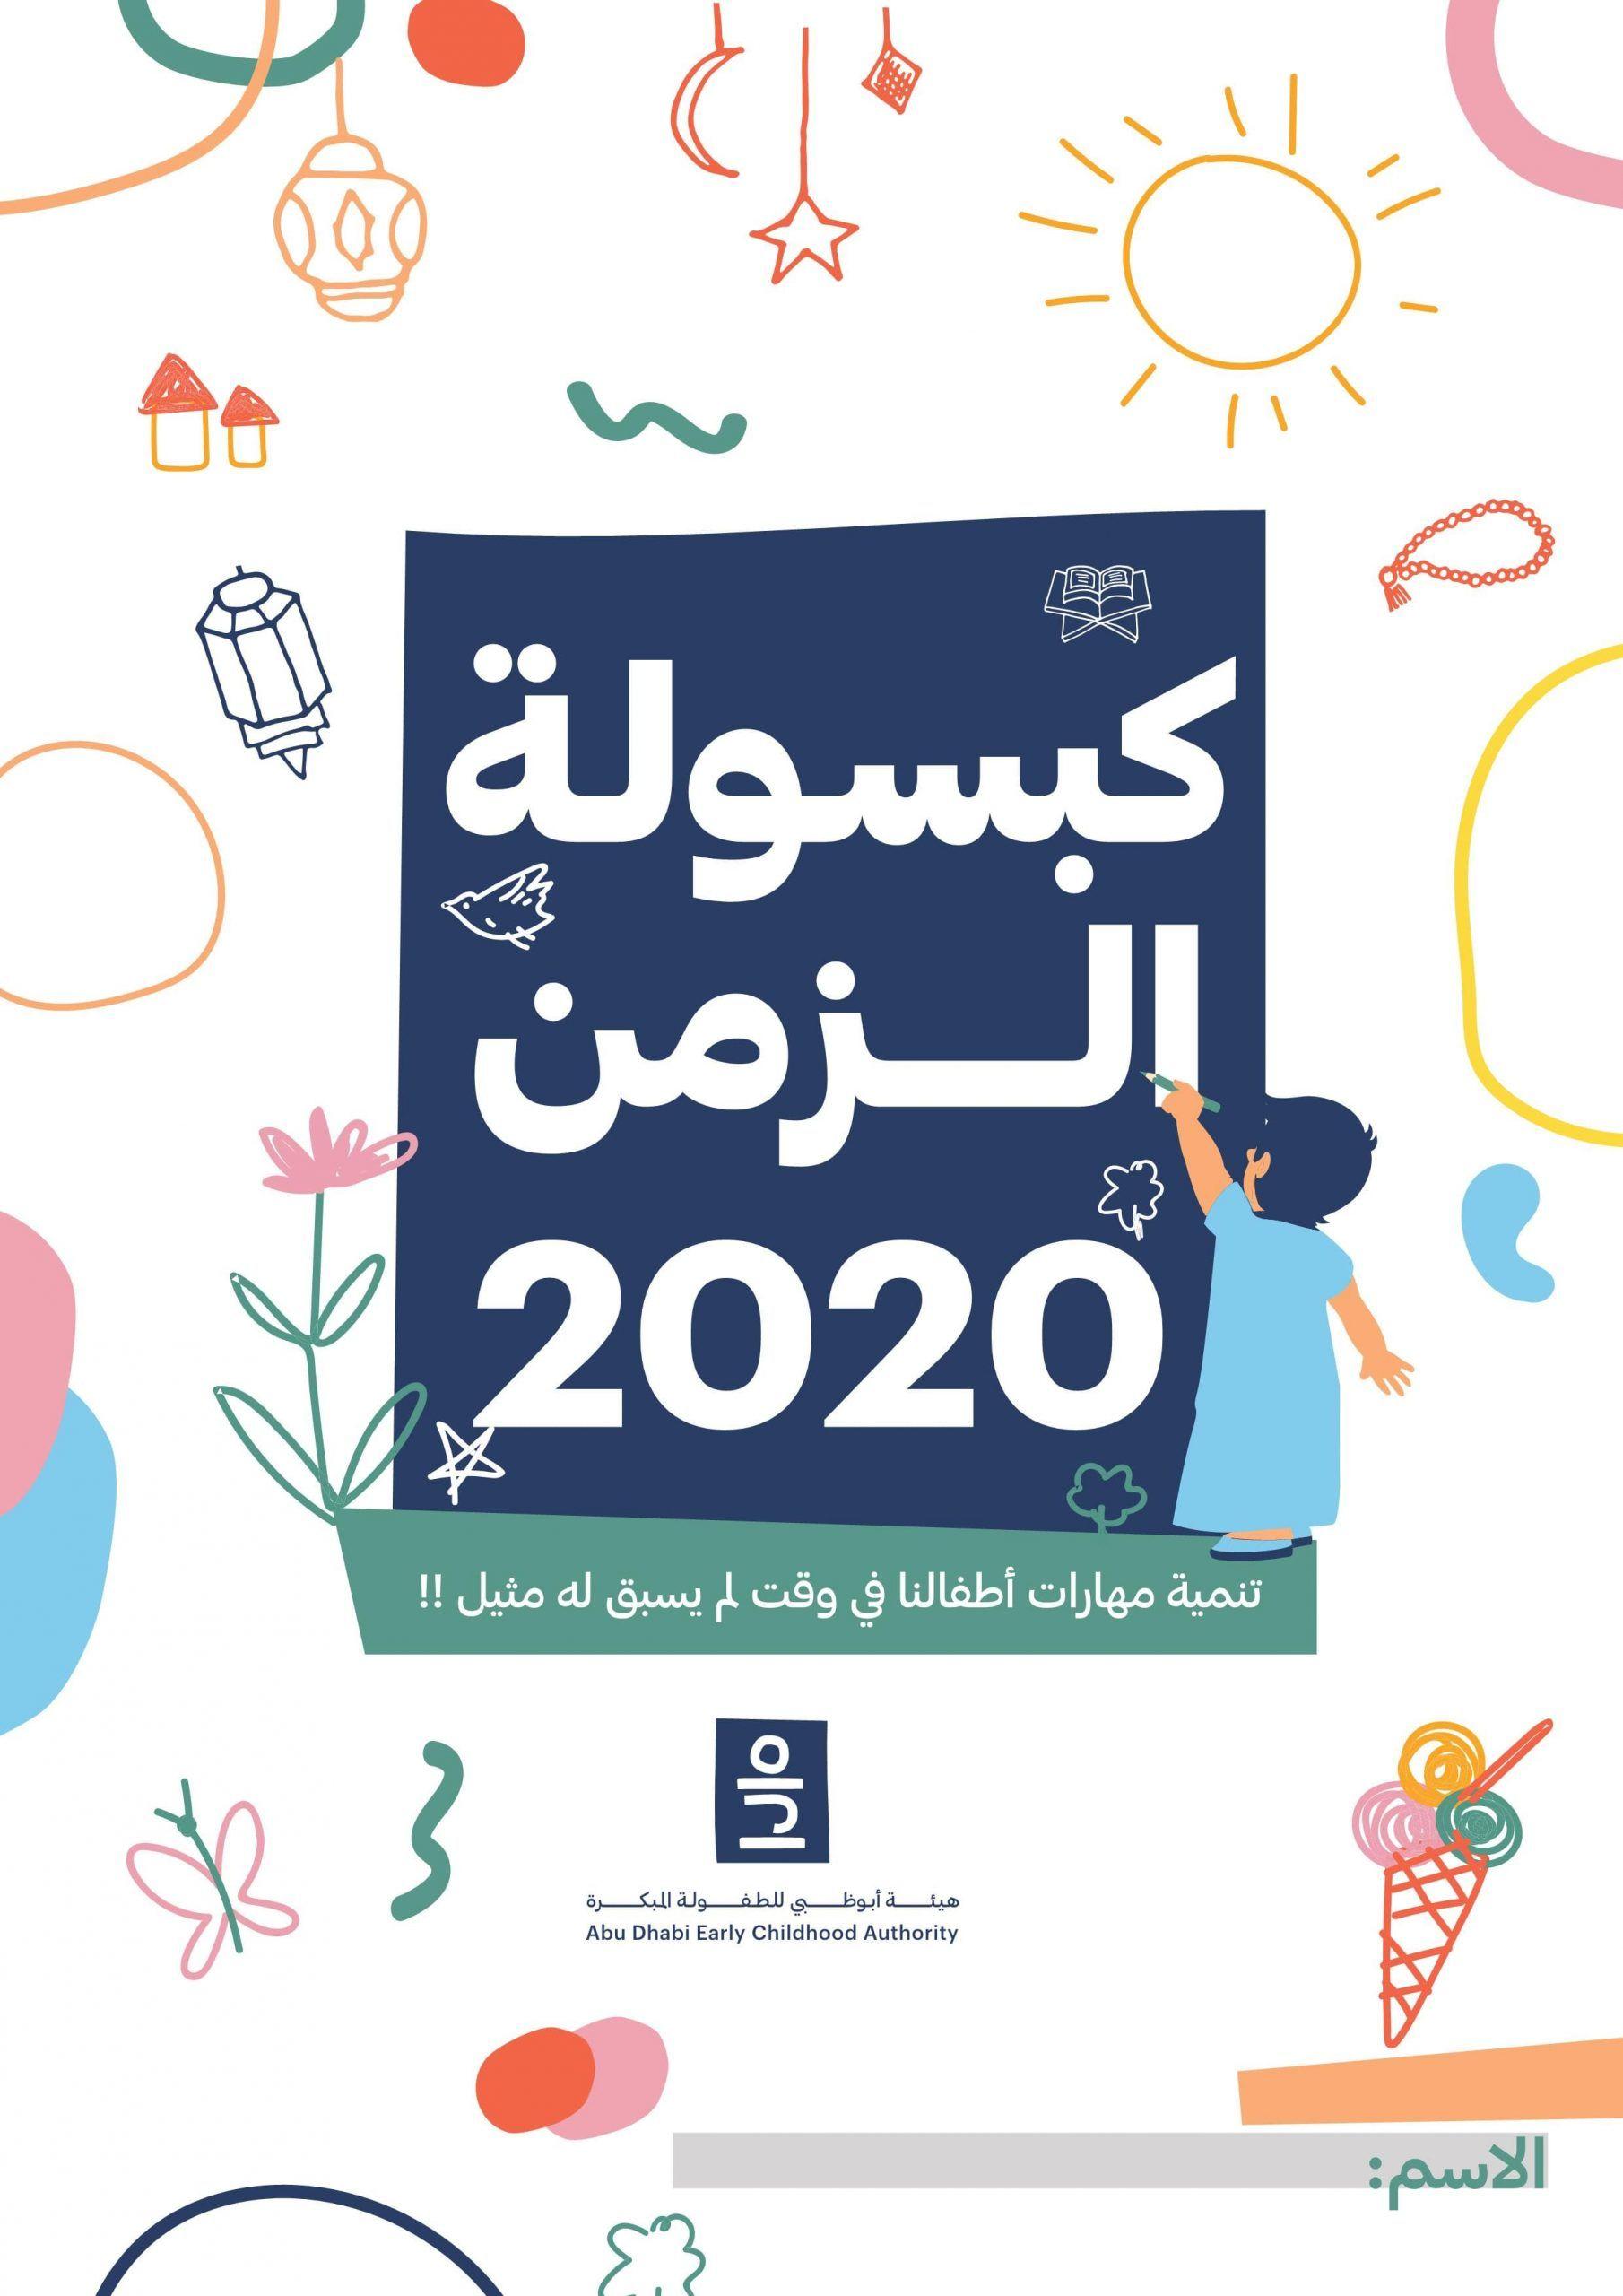 كبسولة الزمن 2020 لتنمية مهارات الاطفال في زمن لم يسبق له مثيل Creative Activities For Kids Creative Activities Activities For Kids